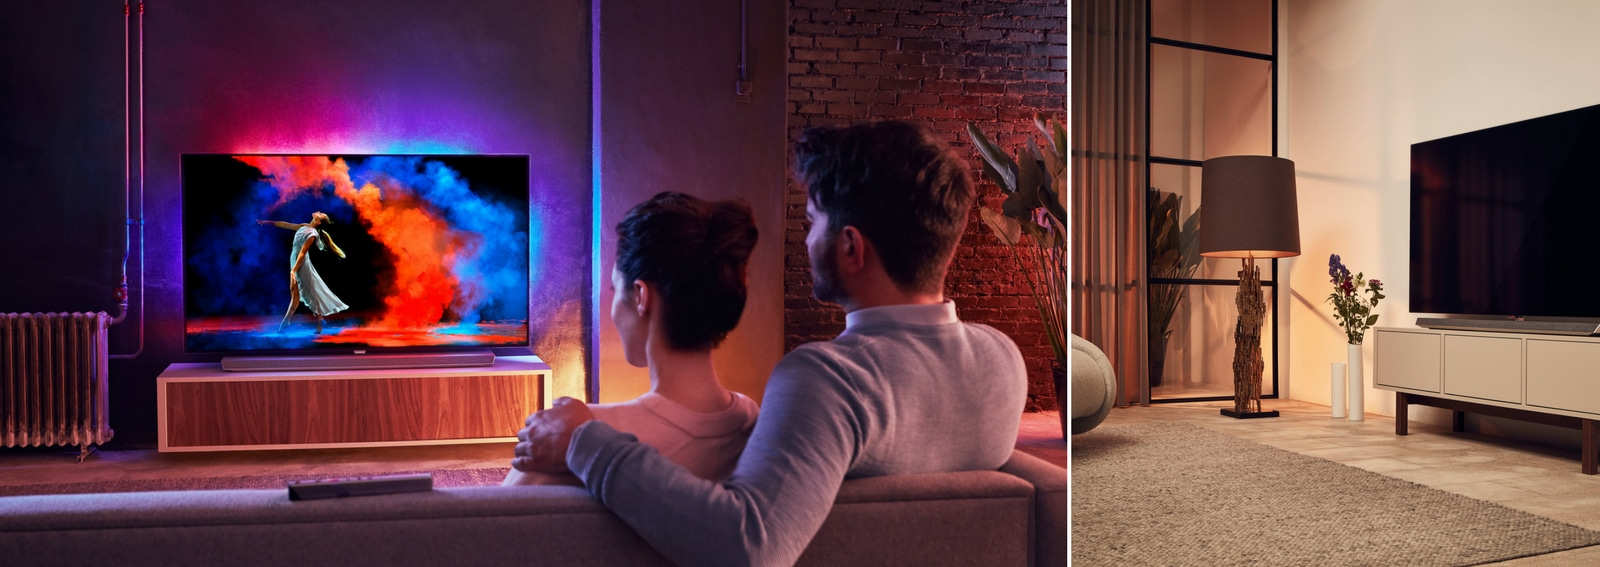 Regole da seguire per posizionare correttamente il tv PHILIPS TV OLED 973 nuovo modello 2018 tv ultrasottile connesso smart tv google assistant DESK